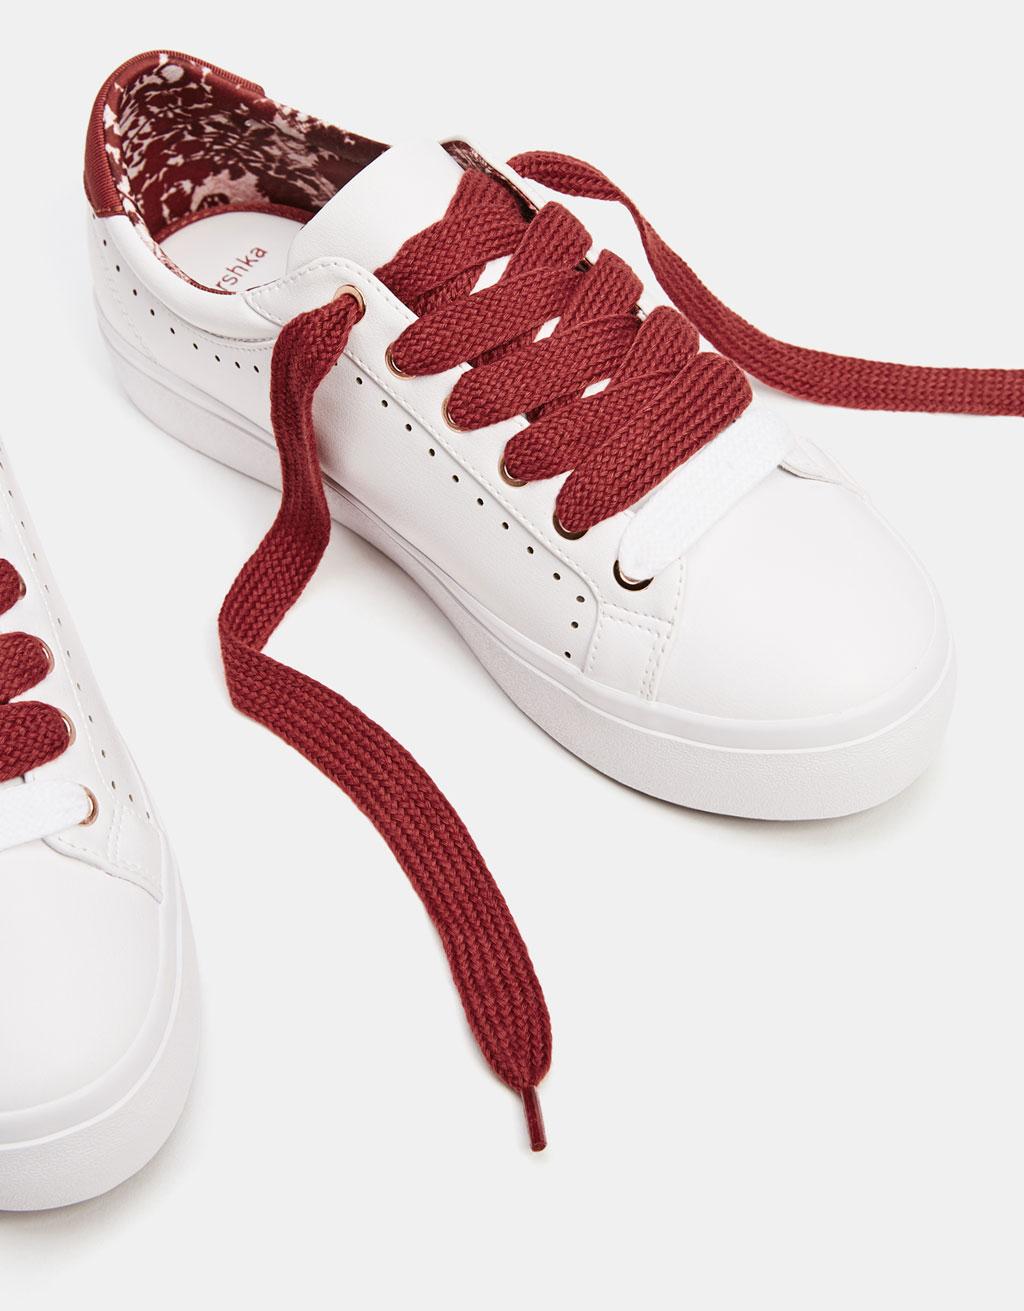 White die-cut sneakers